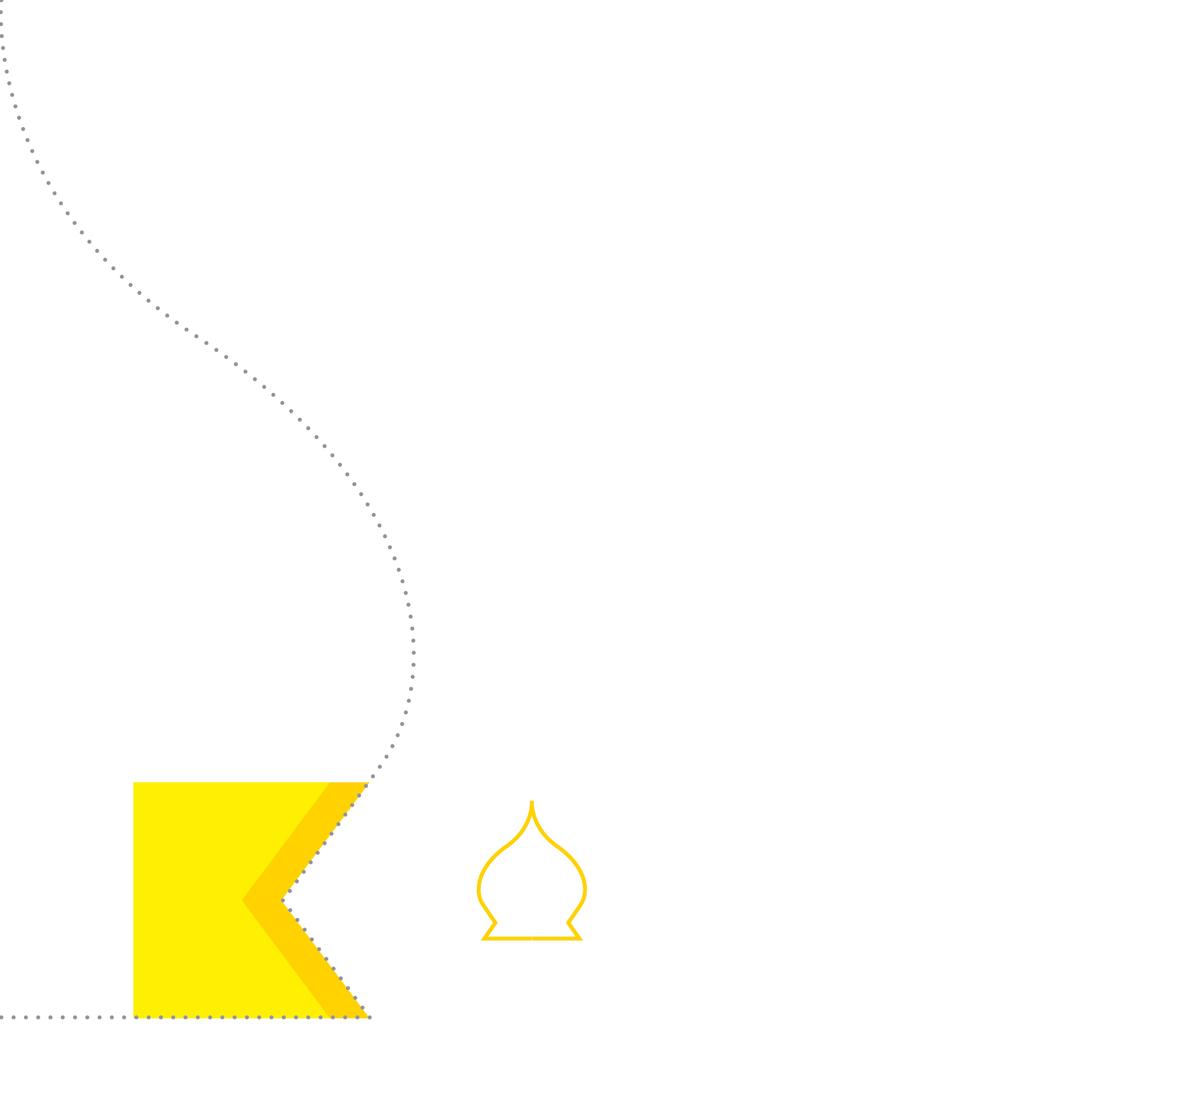 """Издавна Киев славился своими церквями та святыми местами. Его часто называют """"златоверхим"""". Мы решили отобразить это графично. Буква """"К"""" также хорошо вписывается в схематичное изображение купола храма, а желто-горячие цвета одновременно цветами внимания и важности."""